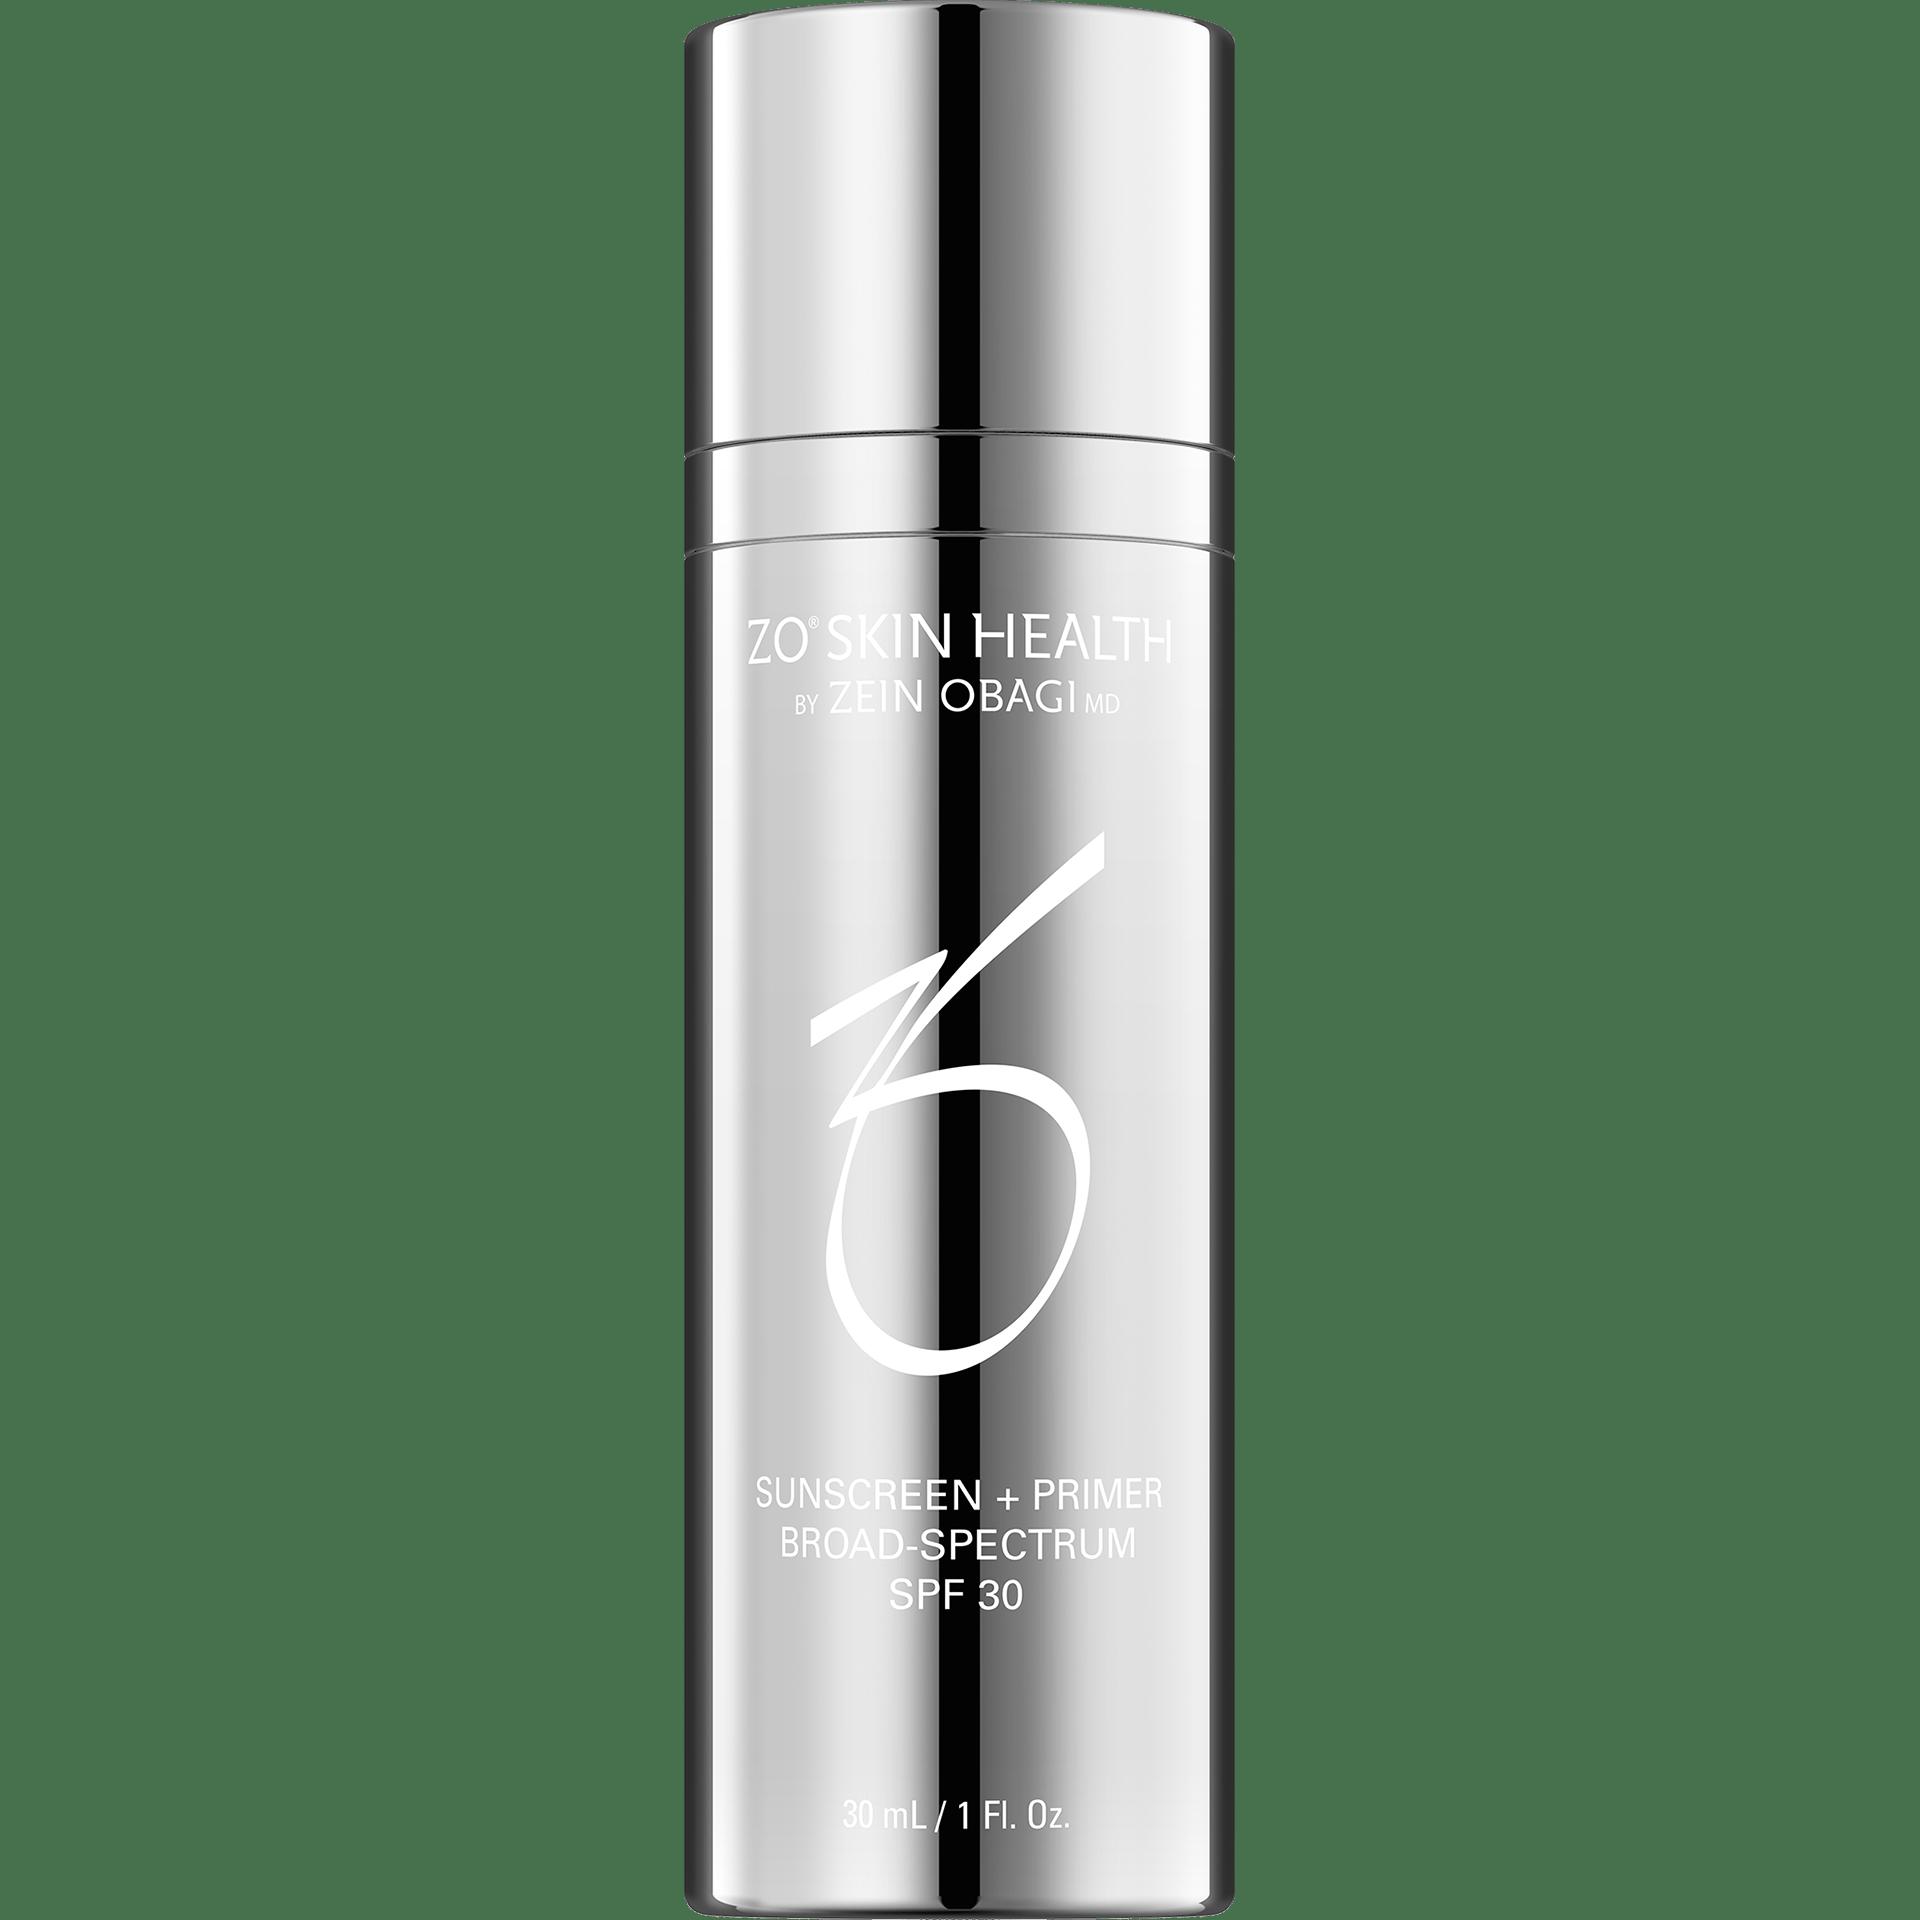 Produktbild eines Pumpspenders mit ZO Skin Health Sunscreen + Primer